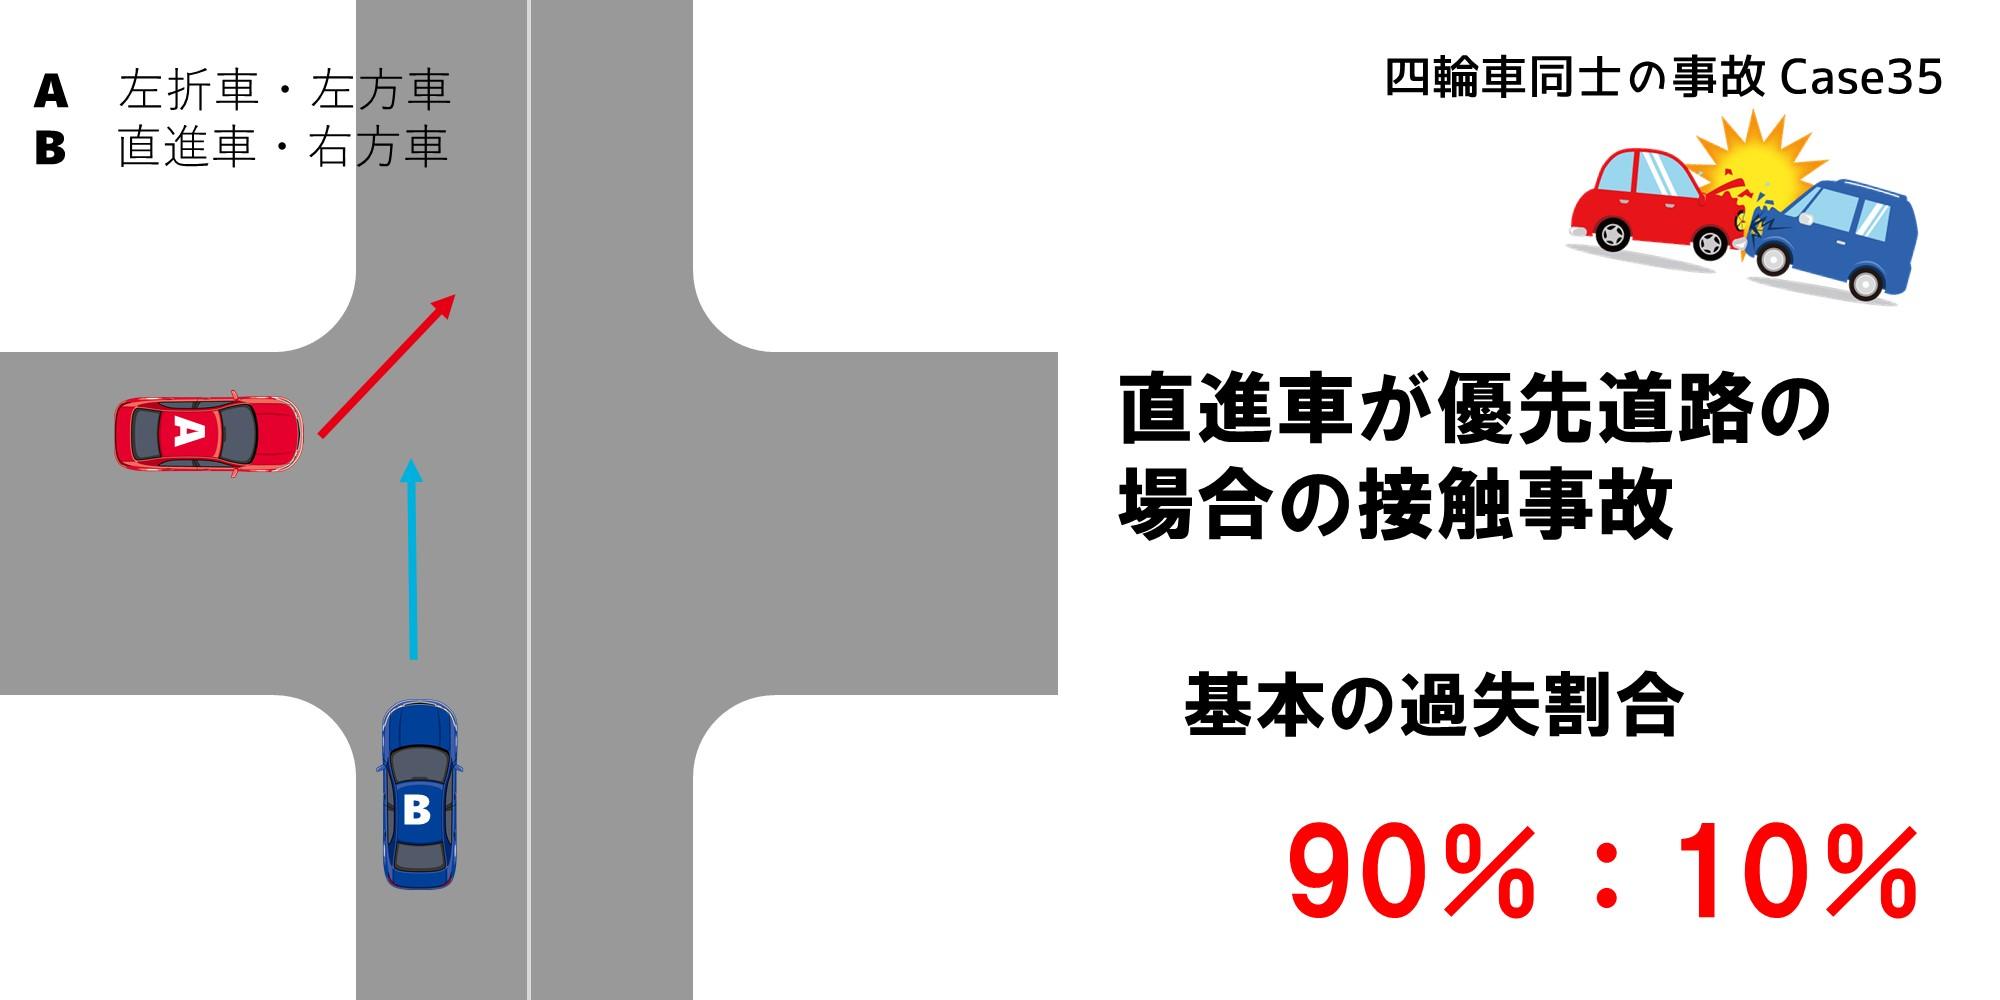 信号機のない交差点で左折車と直進車が接触した交通事故における直進車が優先道路の場合の過失割合